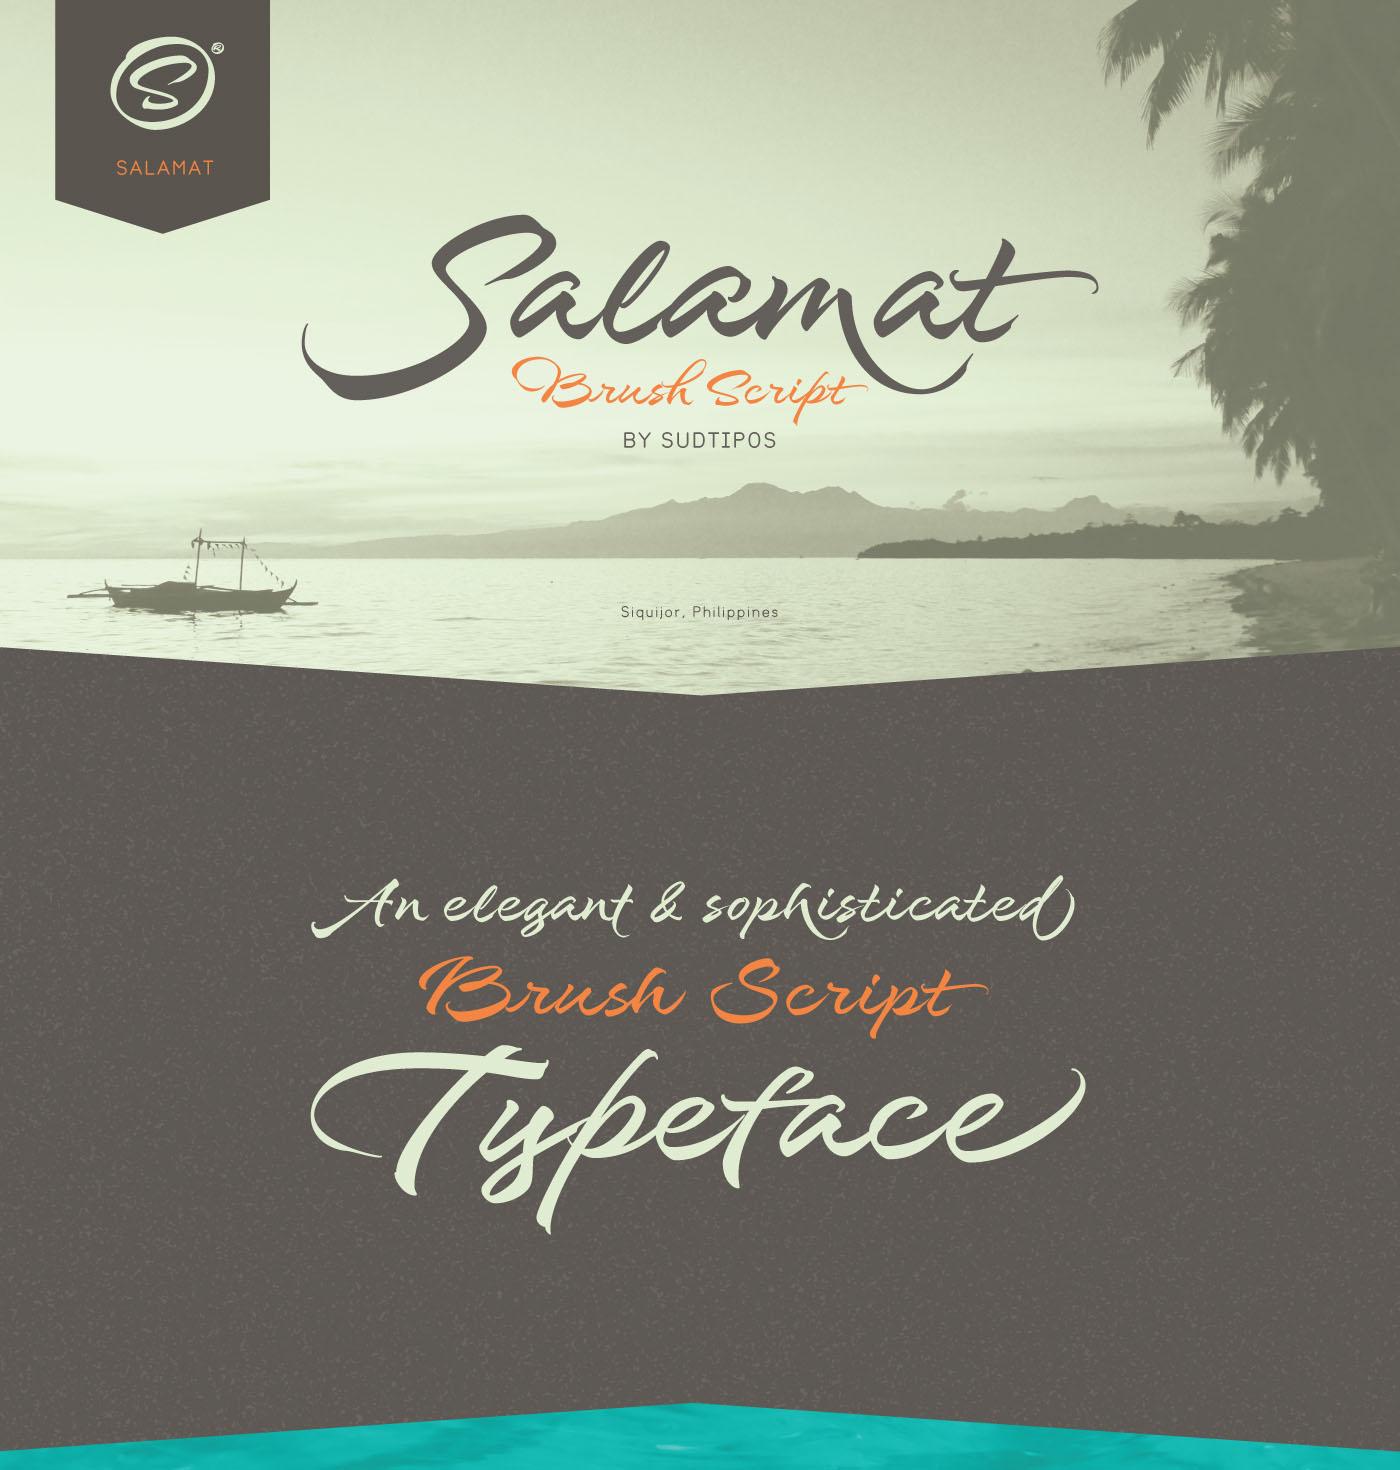 15 nouvelles typographie spéciales de qualité pour la rentrée